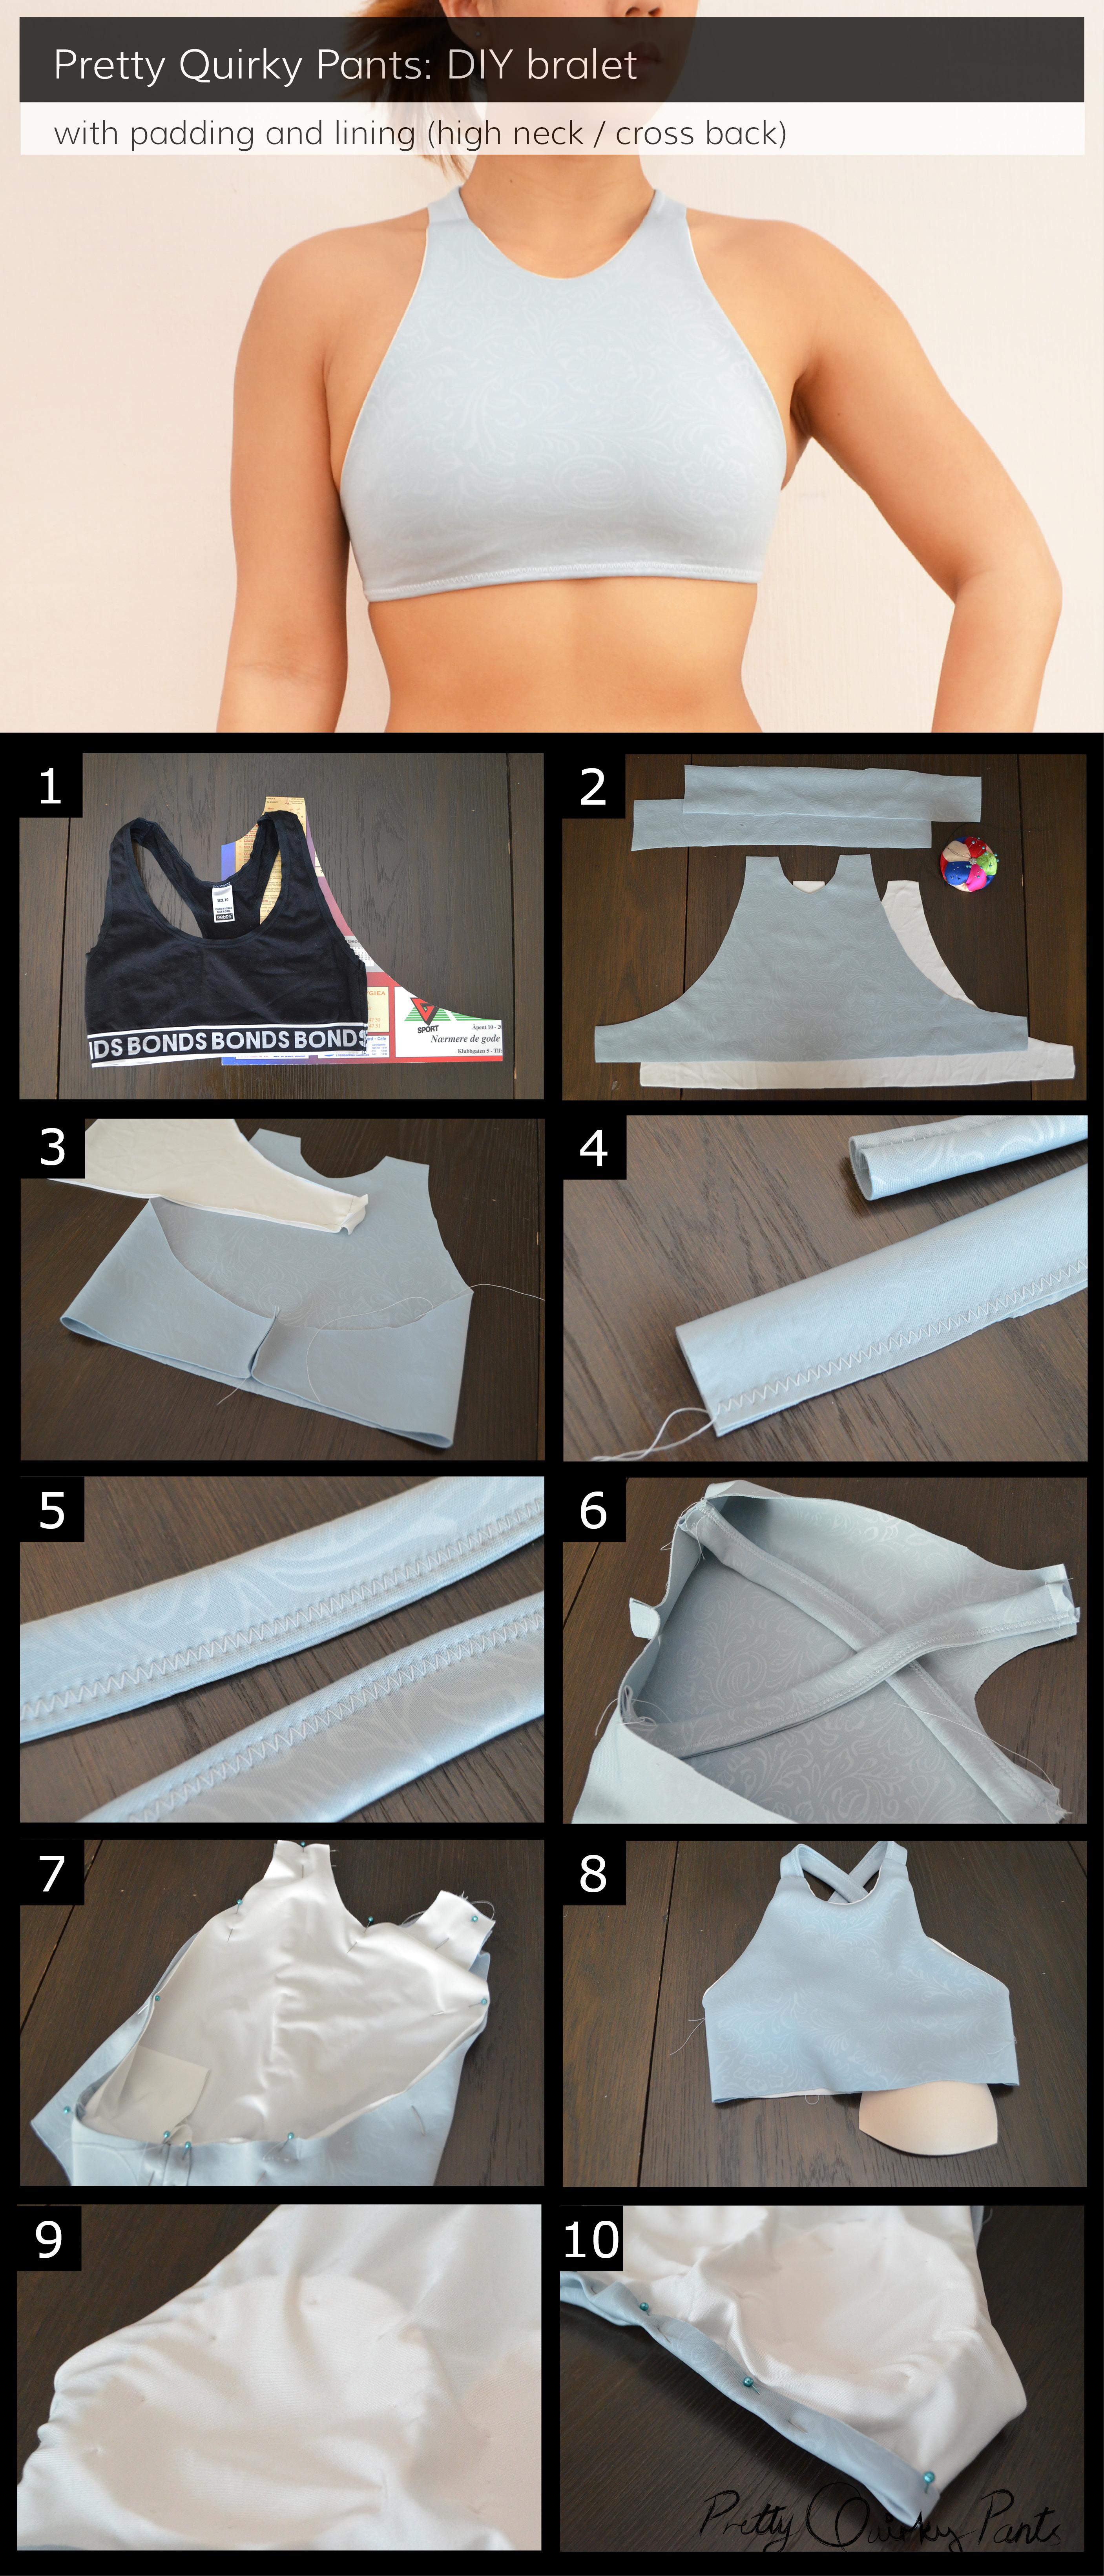 Instructions - hi top x back bralet